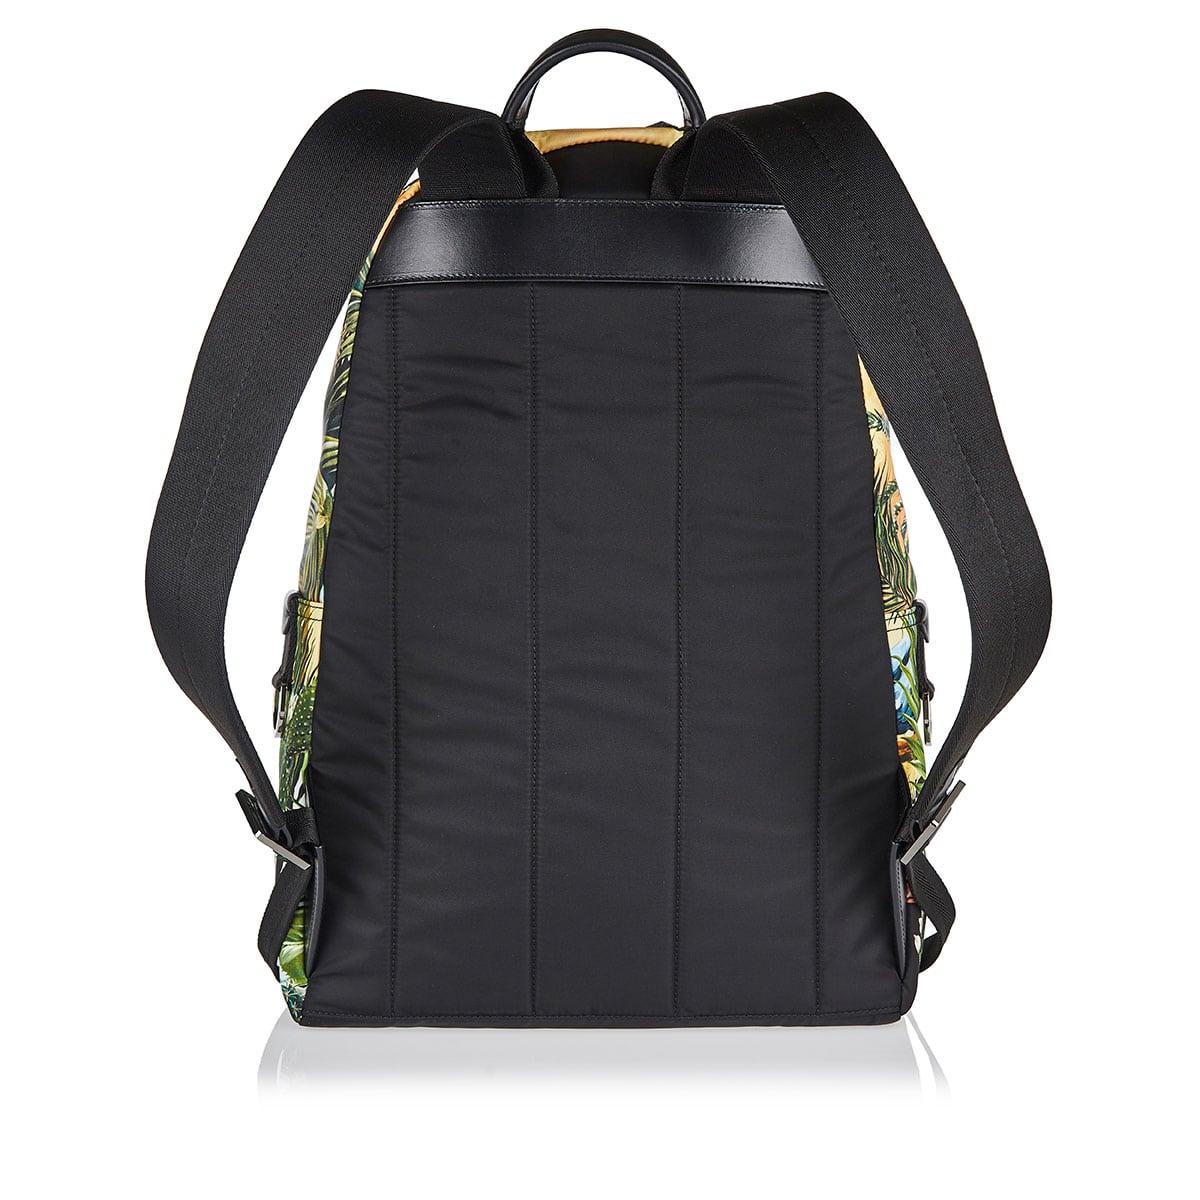 Tropical-printed Vulcano backpack